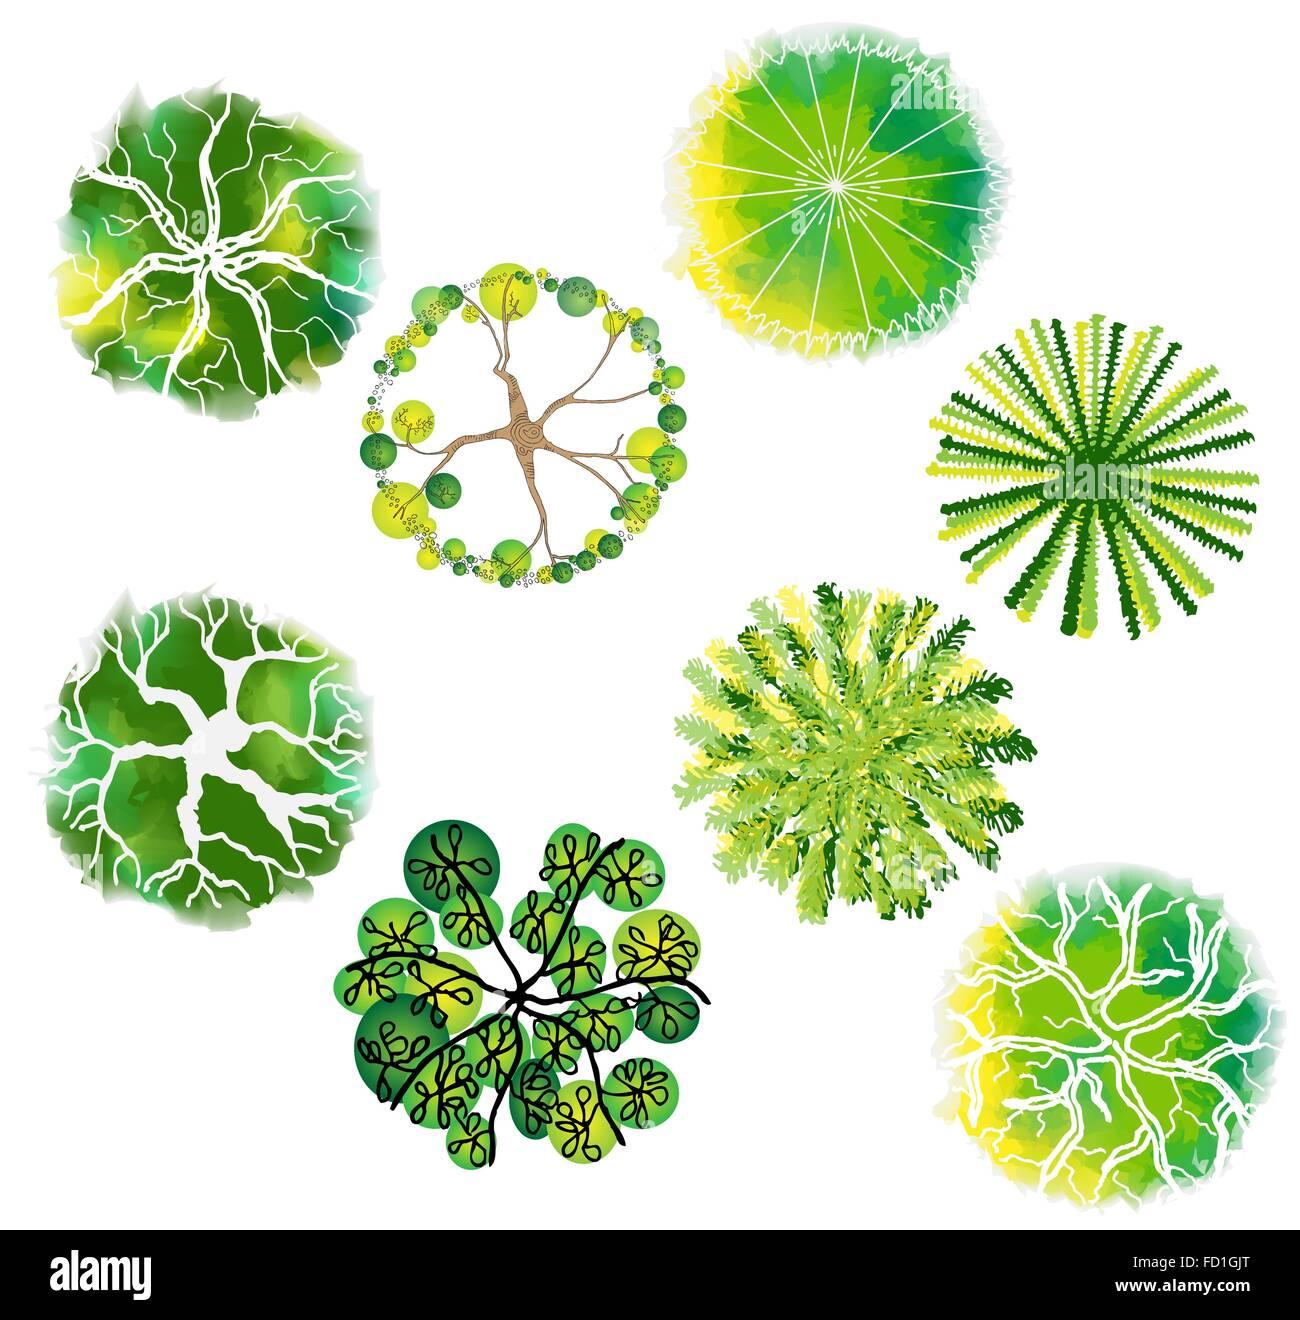 A set of treetop symbols, for architectural or landscape design ...